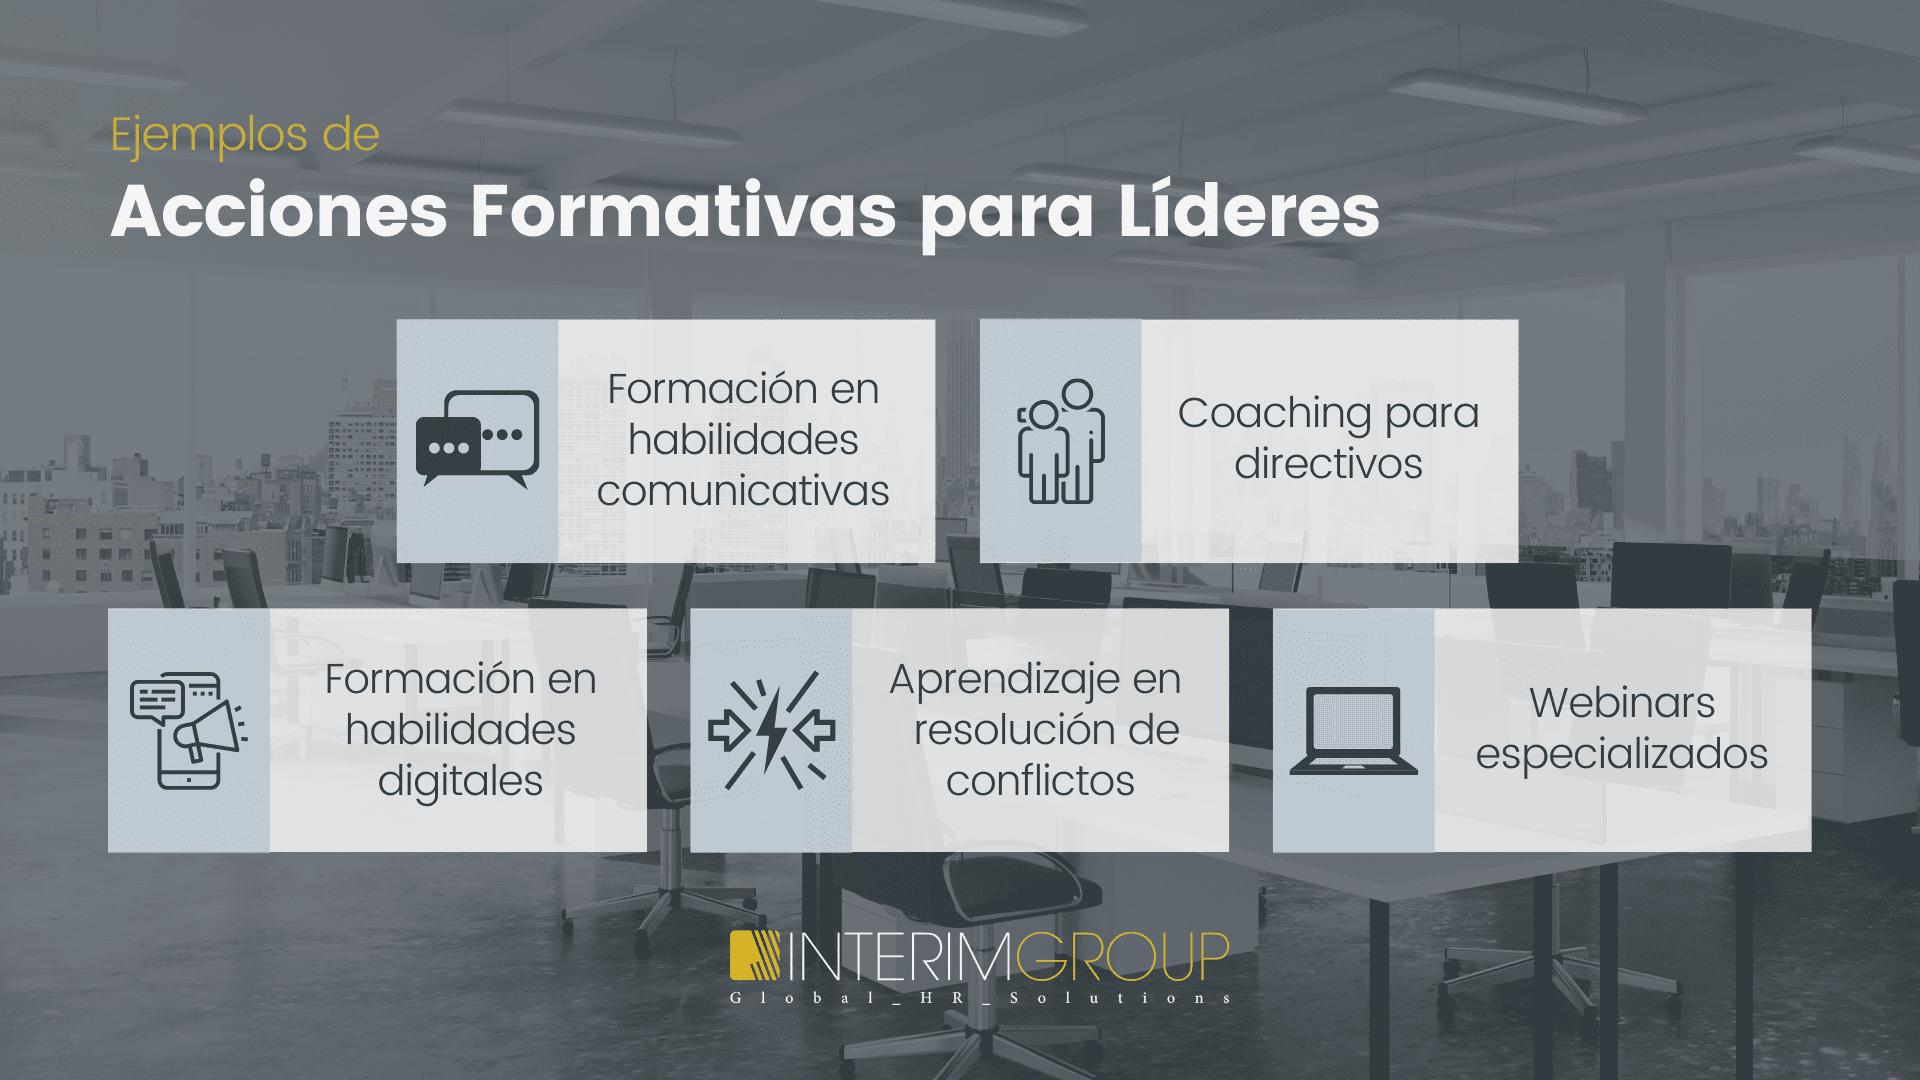 Habilidades-liderazgo-formacion_INTERIM_GROUP